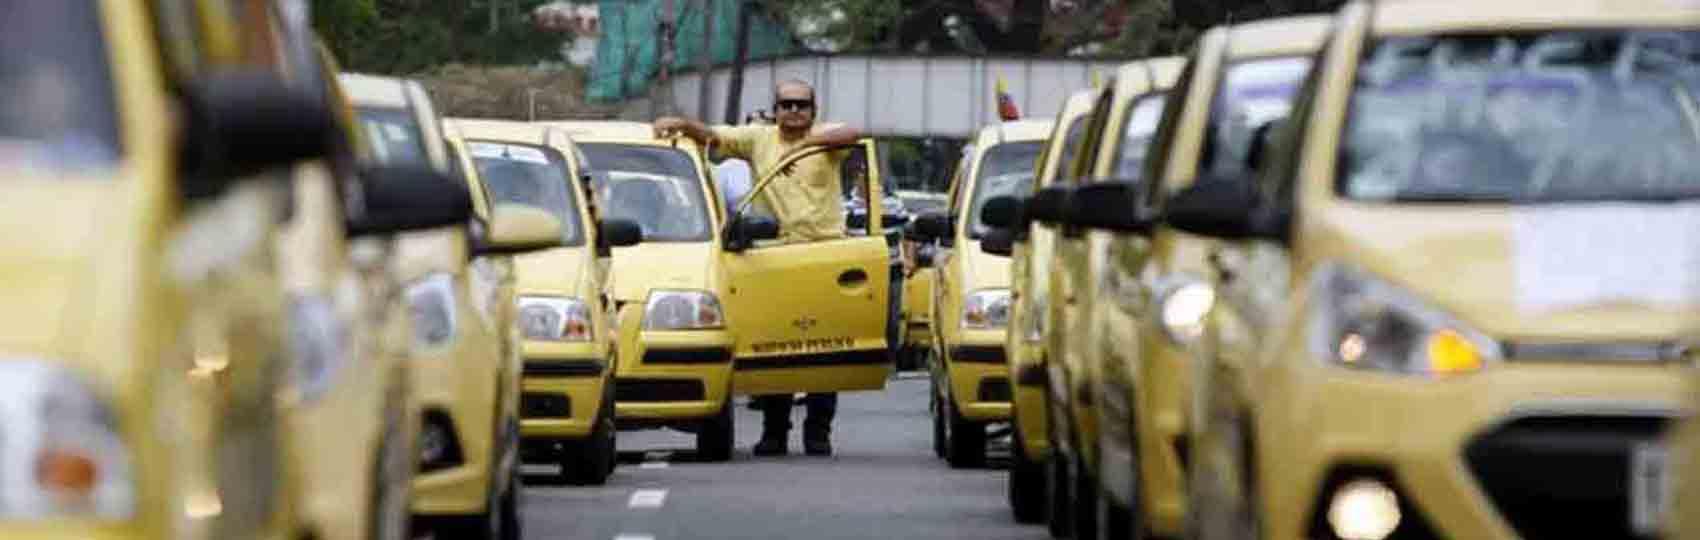 Noticias del sector del taxi y la movilidad en El Salvador. Mantente informado de todas las noticias del taxi de El Salvador en el grupo de Facebook de Todo Taxi.